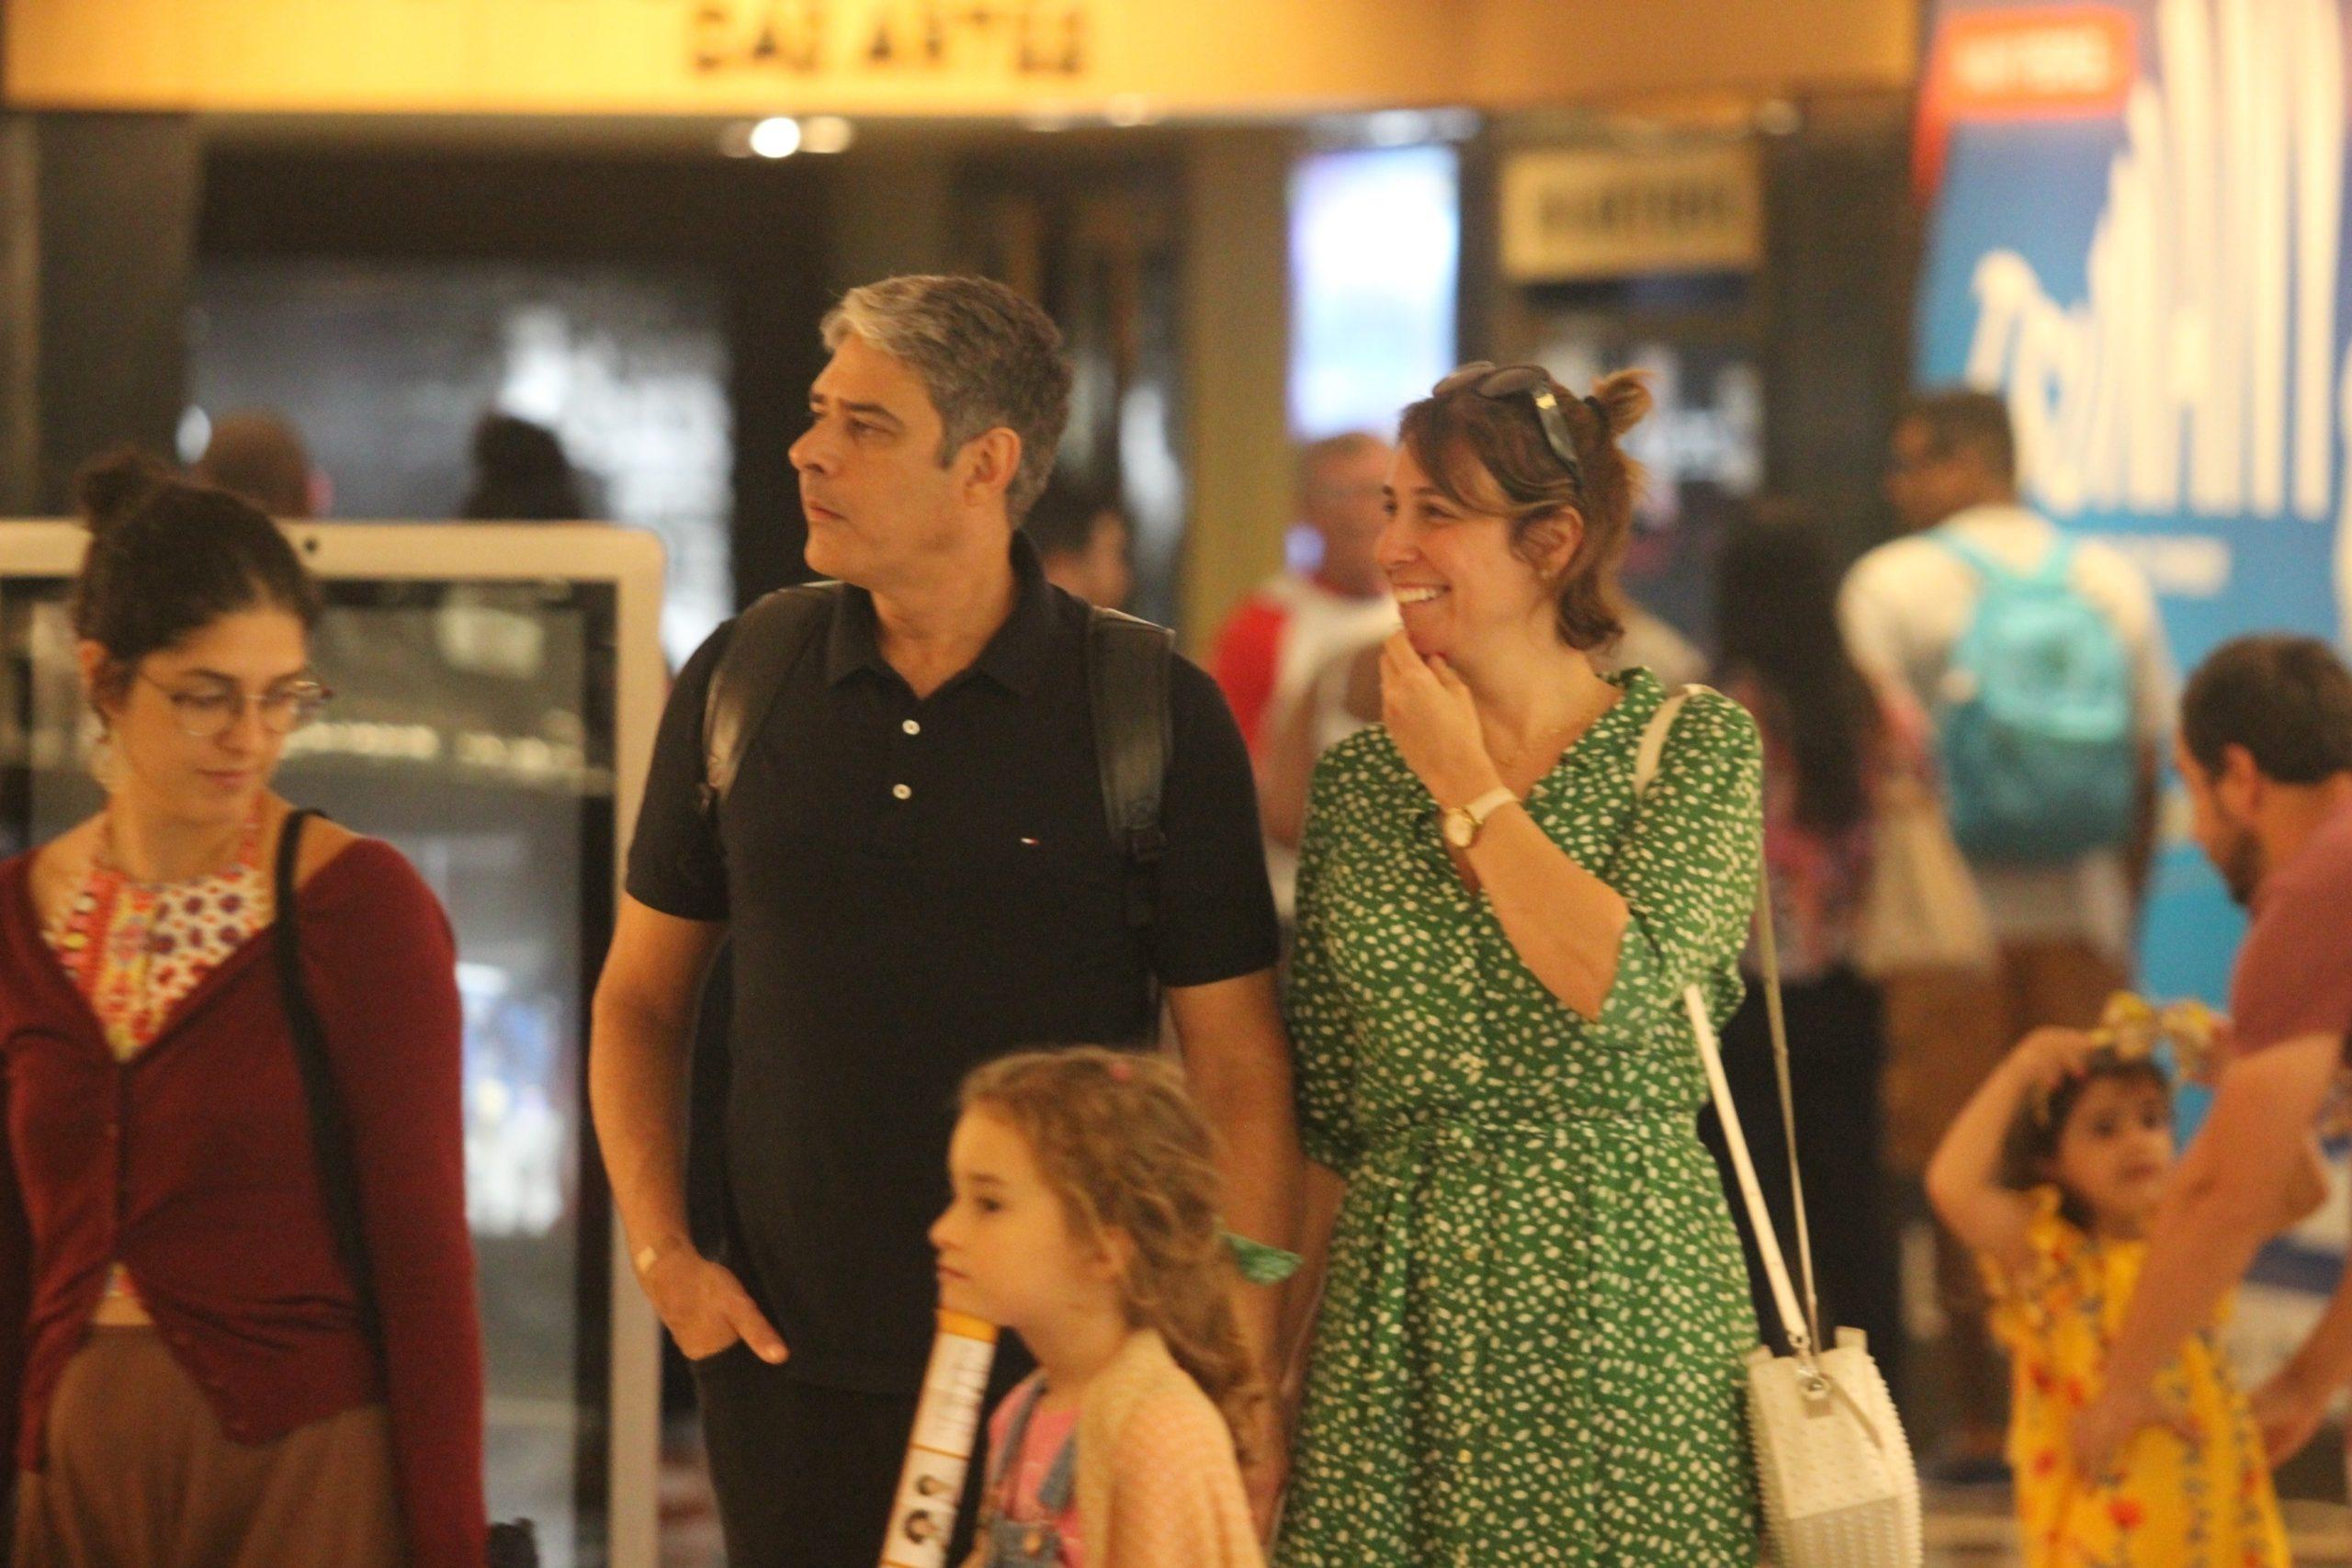 William Bonner em um passeio no shopping com a esposa (Foto: Rodrigo Adao/AgNews)